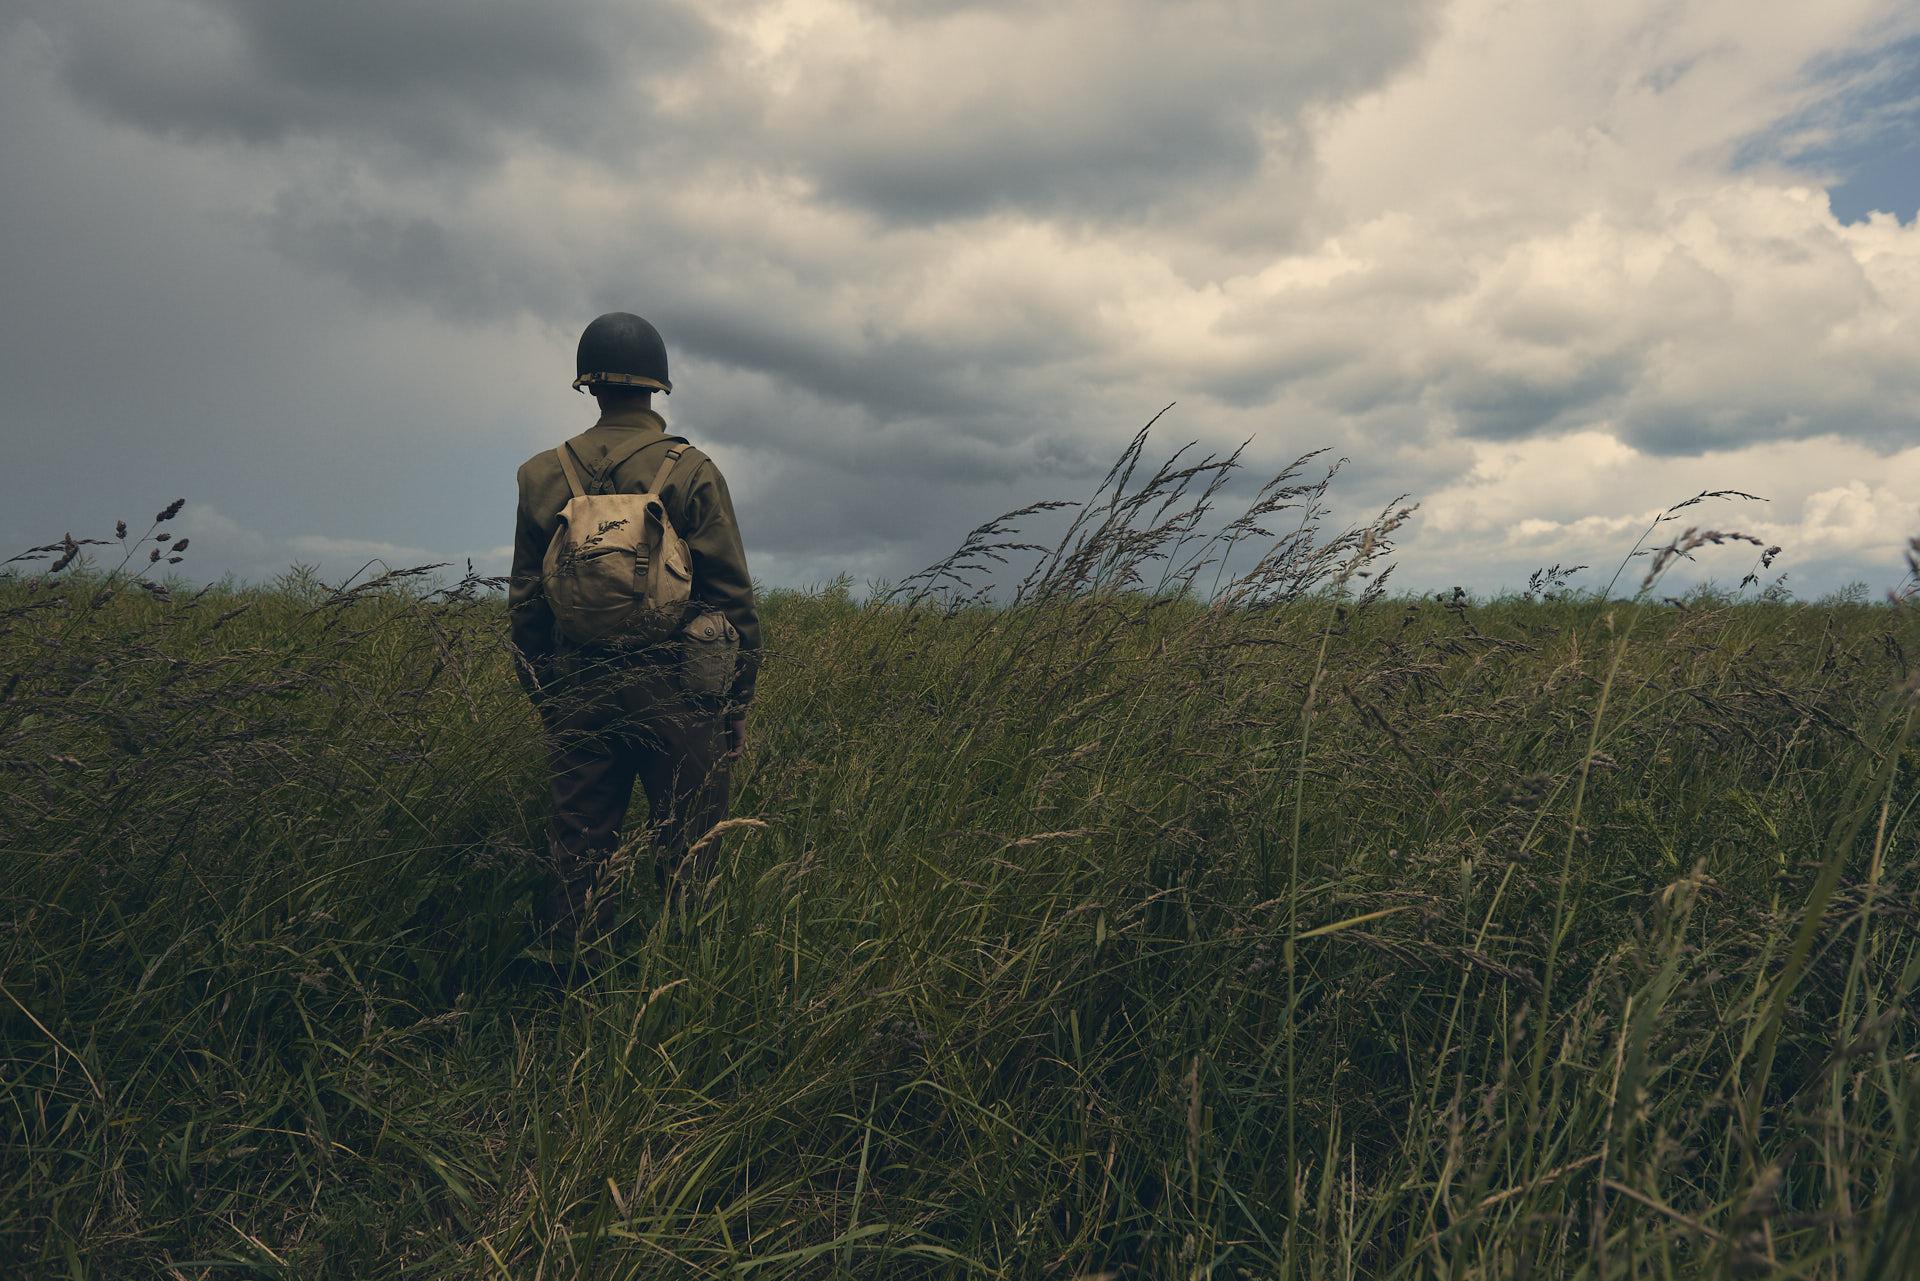 Portrait of a soldier along the shores of Normandy - Utah beach - ritratto di soldato lungo le spiagge della Normandia